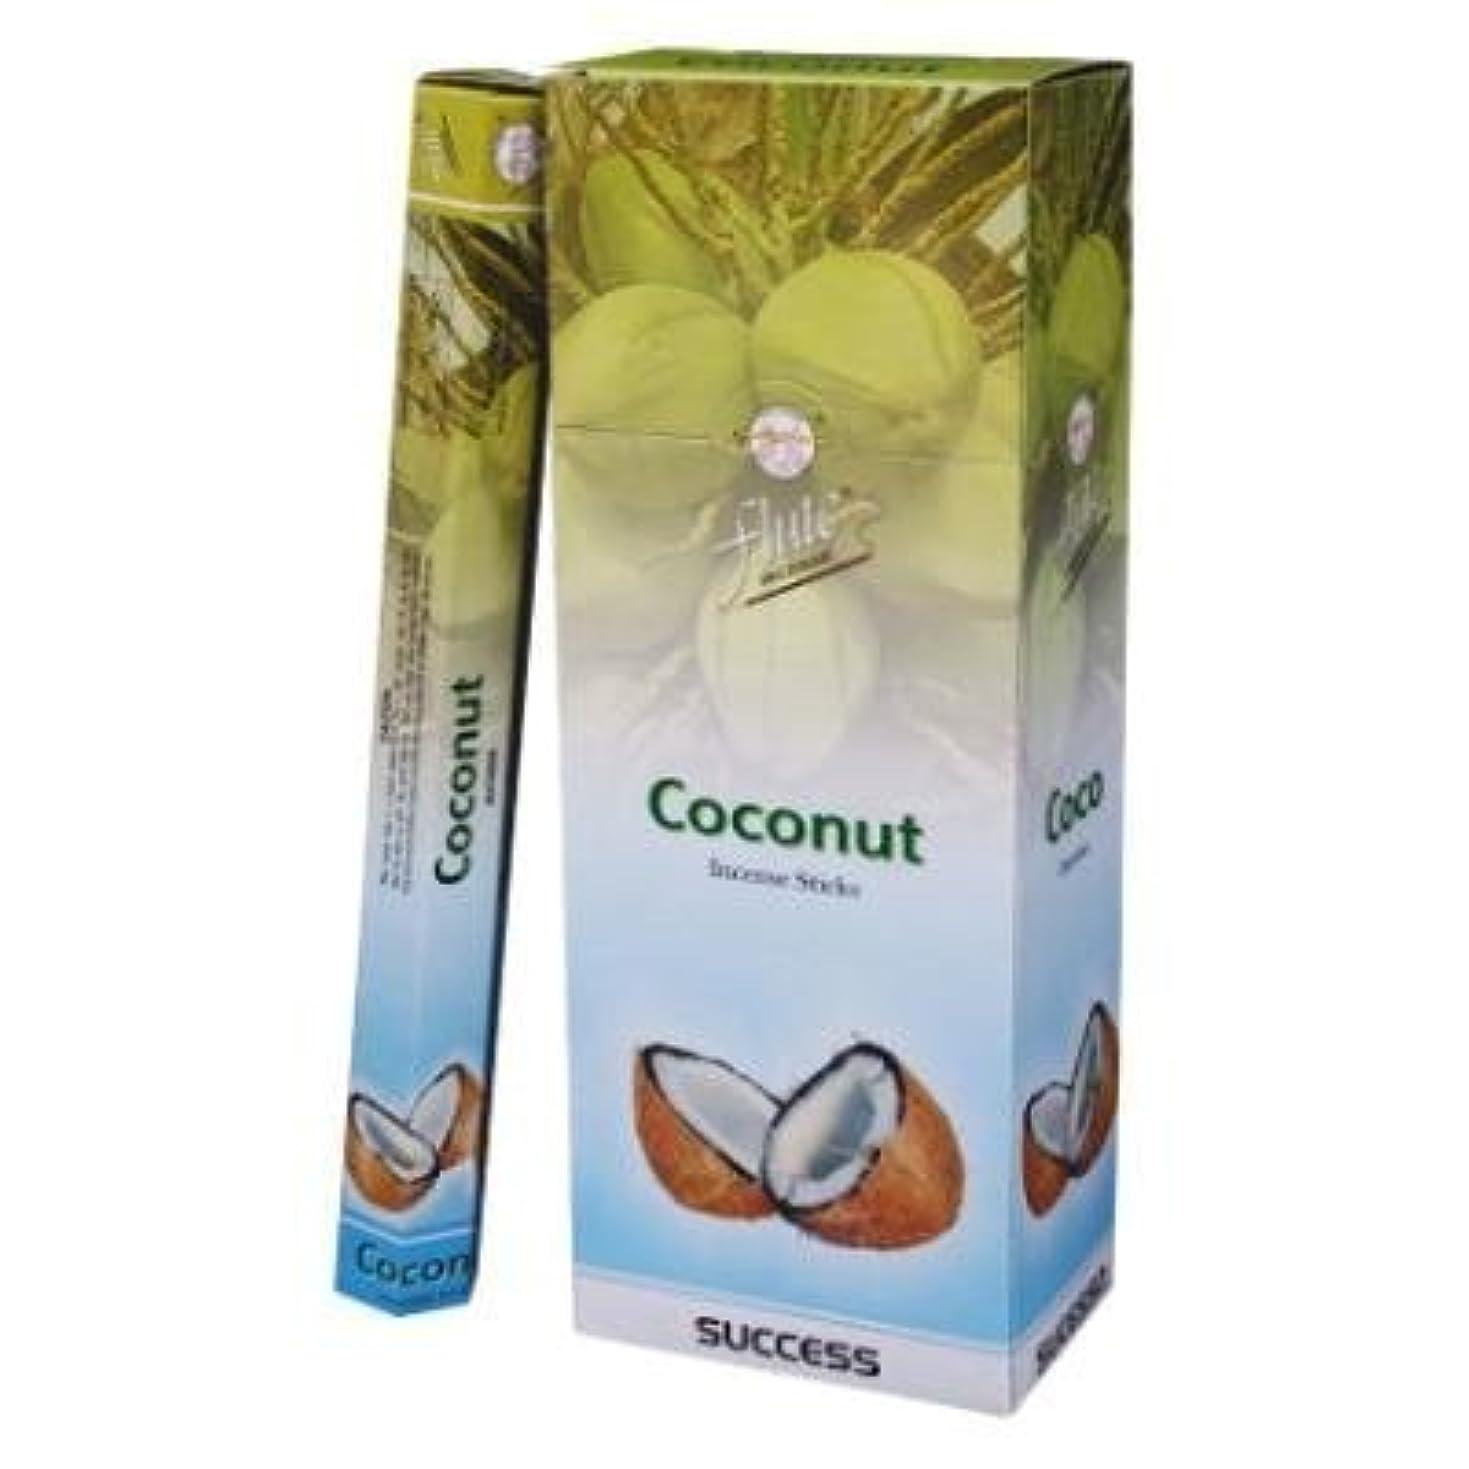 均等に等々広告するFlute Coconut Hex Incense Sticks - 20 Sticks(Single Pack) by Flute Incense [並行輸入品]